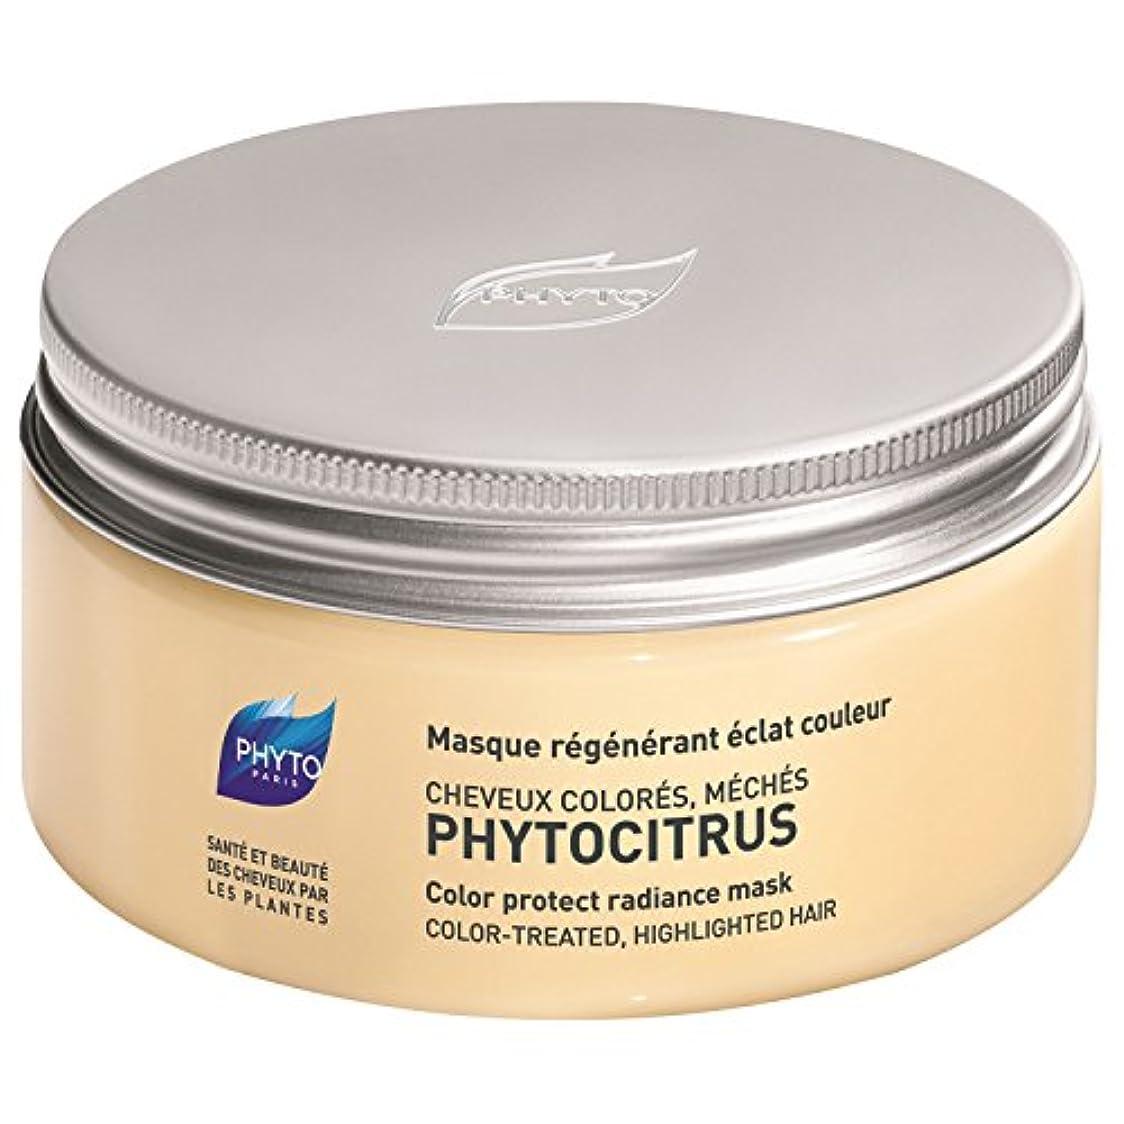 条約慣れる寂しいフィトPhytocitrus色保護放射輝度マスク200ミリリットル (Phyto) - Phyto Phytocitrus Colour Protect Radiance Mask 200ml [並行輸入品]